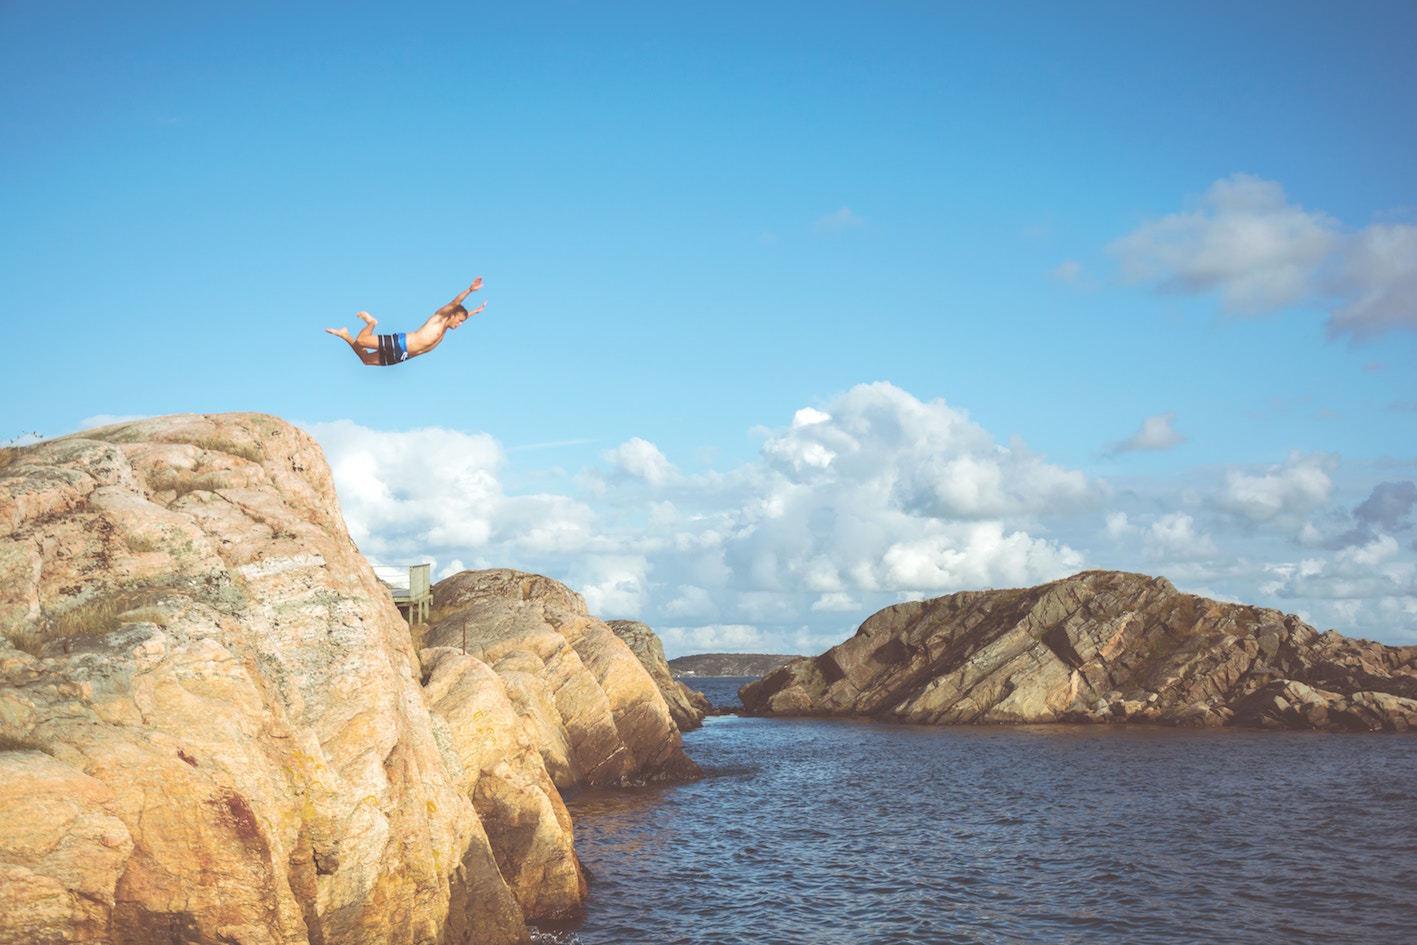 Få adrenalinen op på din næste adventure-rejse